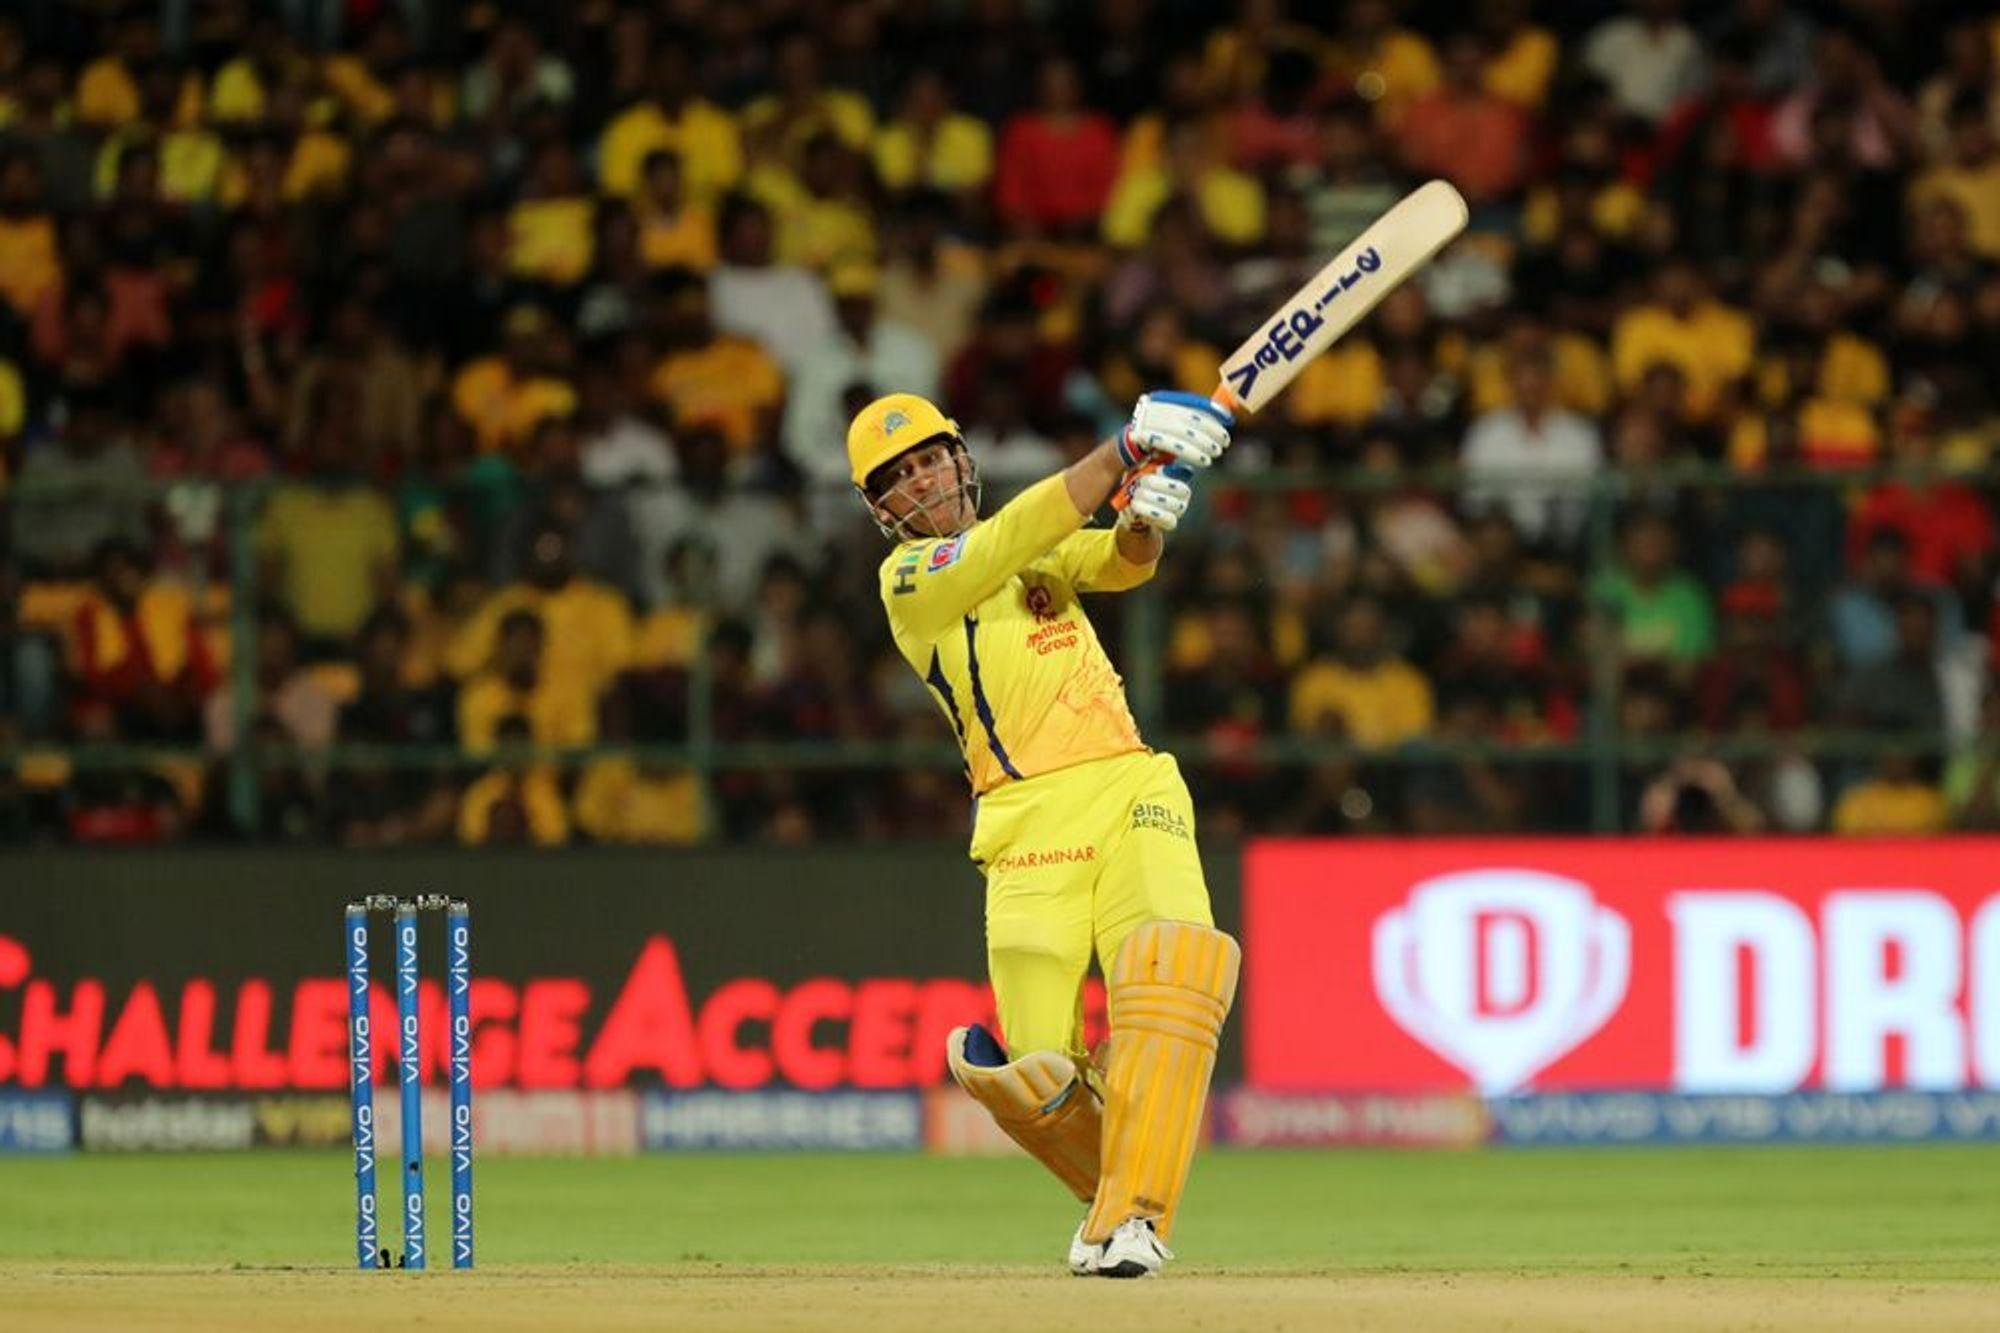 आईपीएल 2019 : महेंद्र सिंह धोनी ने लगया इस सीजन आईपीएल का अबतक का सबसे लम्बा छक्का 34